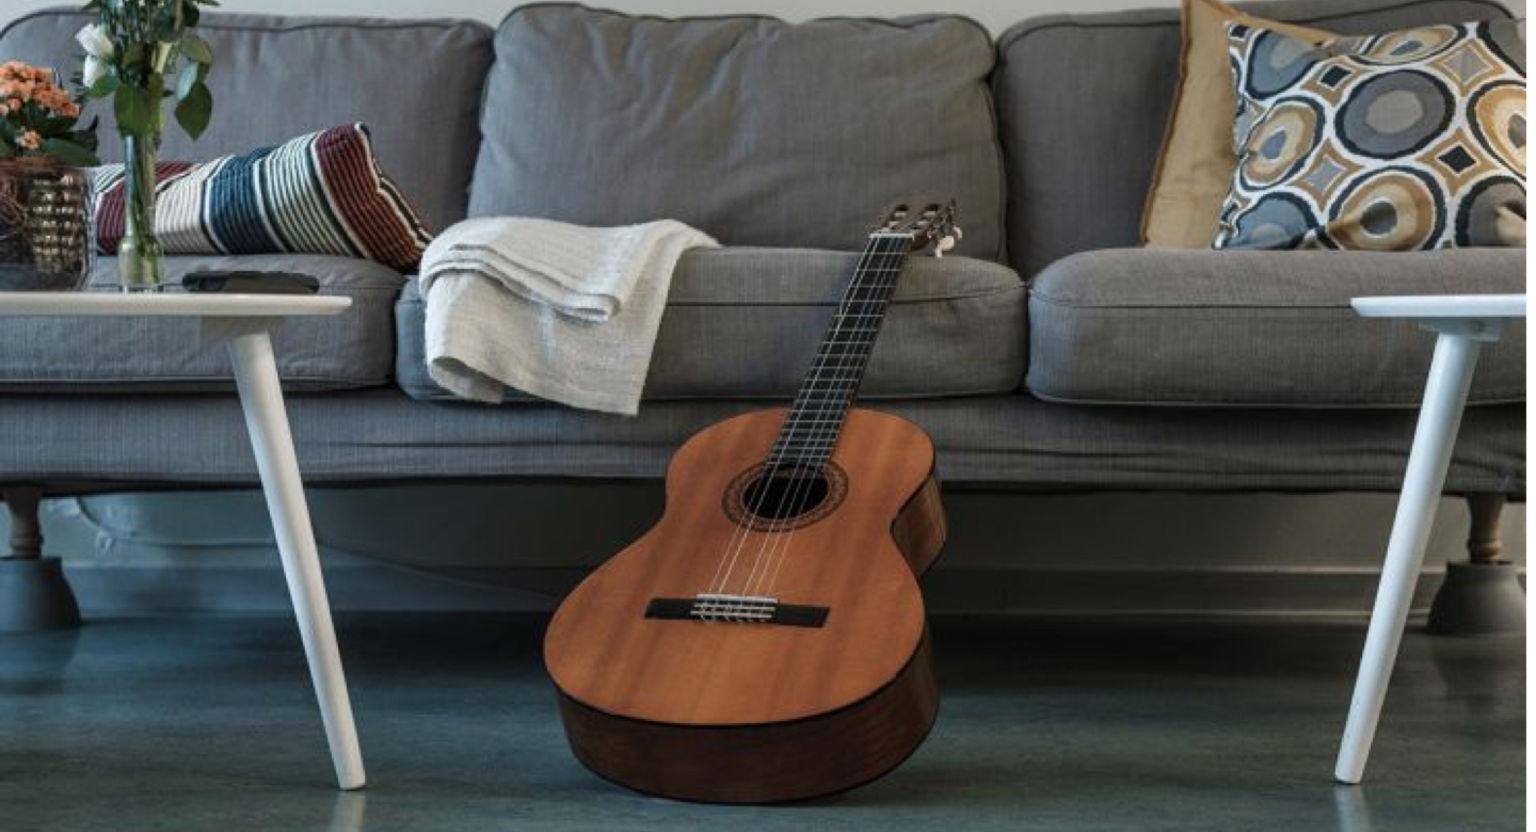 Gitarr står lutad mot soffa på palliativ avdelning